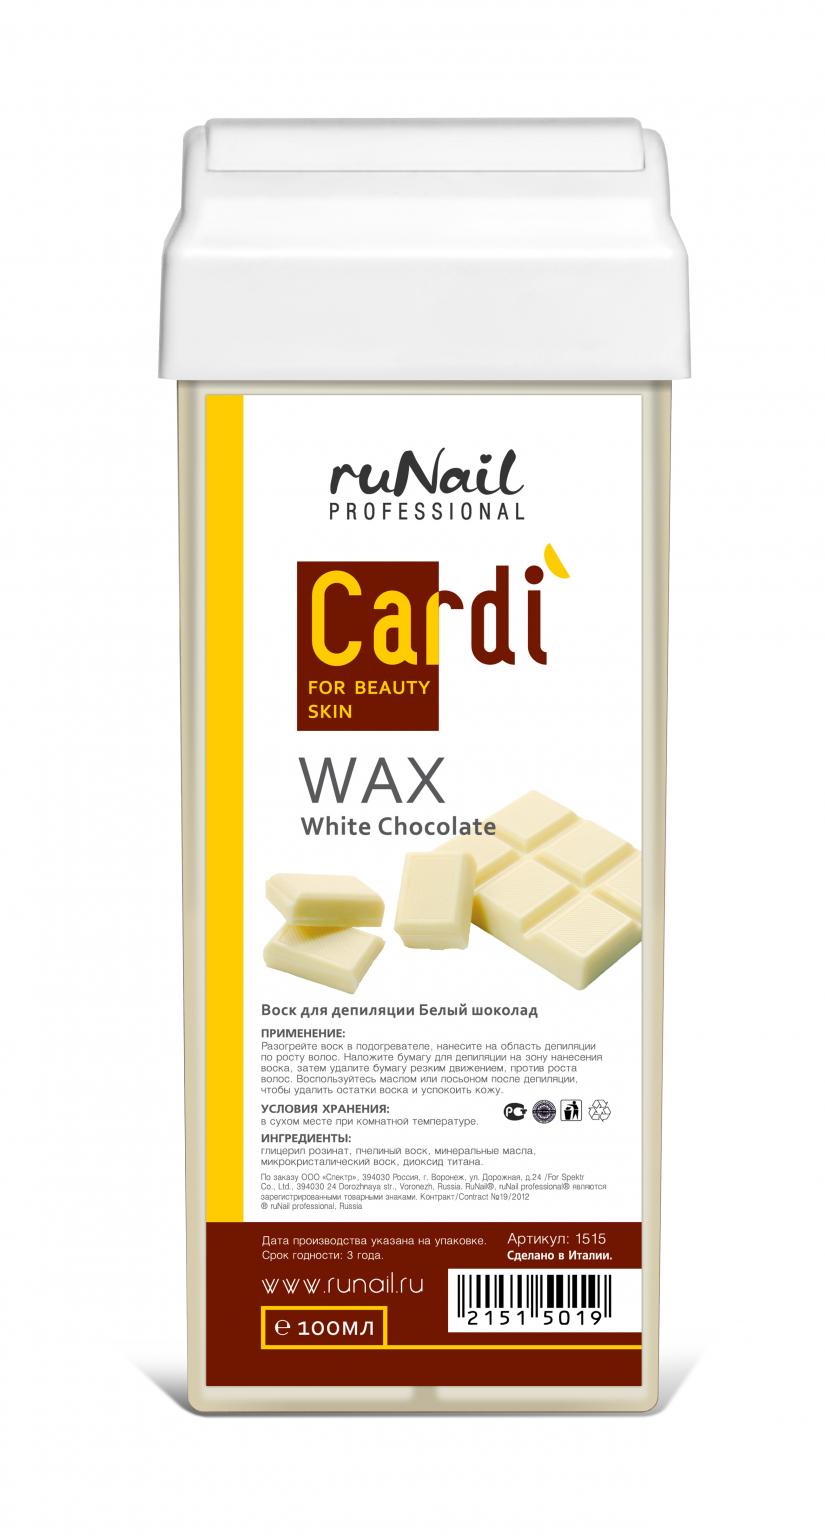 """Воск для депиляции Cardi (аромат: """"Белый шоколад"""") №1515"""